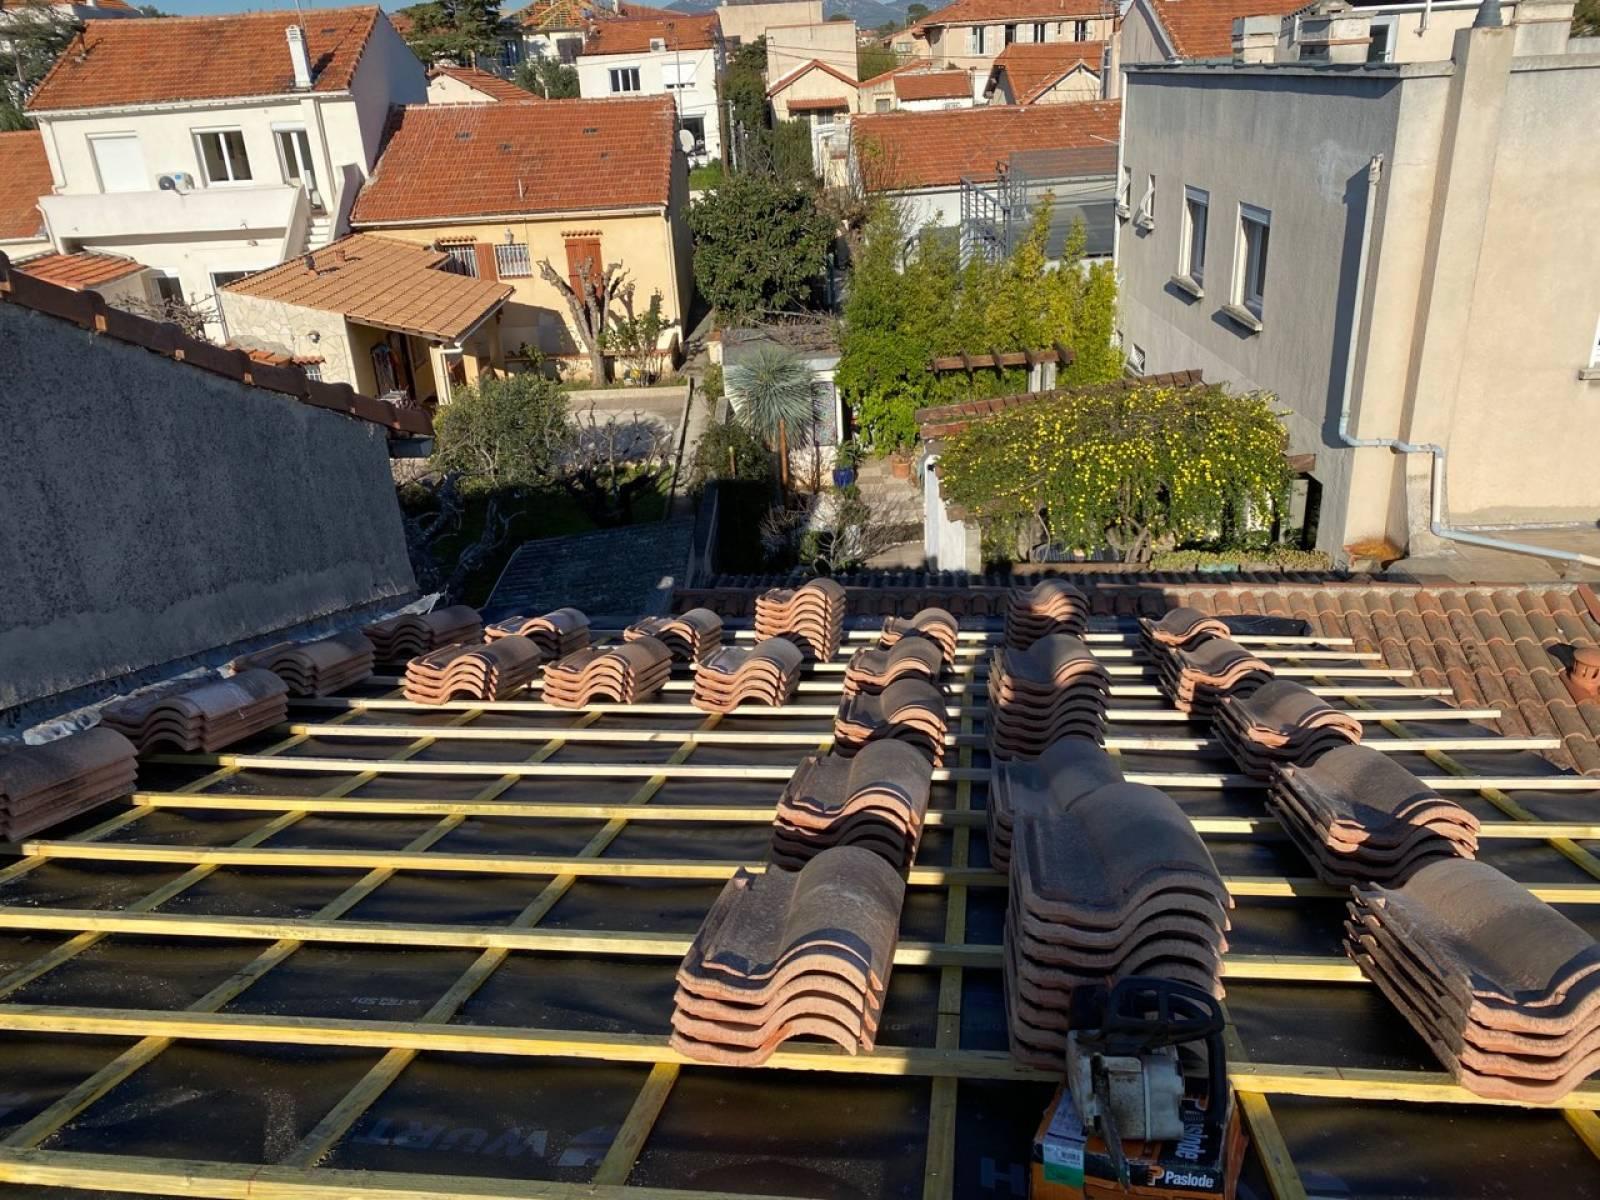 Remplacement des vieilles tuiles romanes sur la toiture d'une maison à Saint-Barnabé, Marseille ...